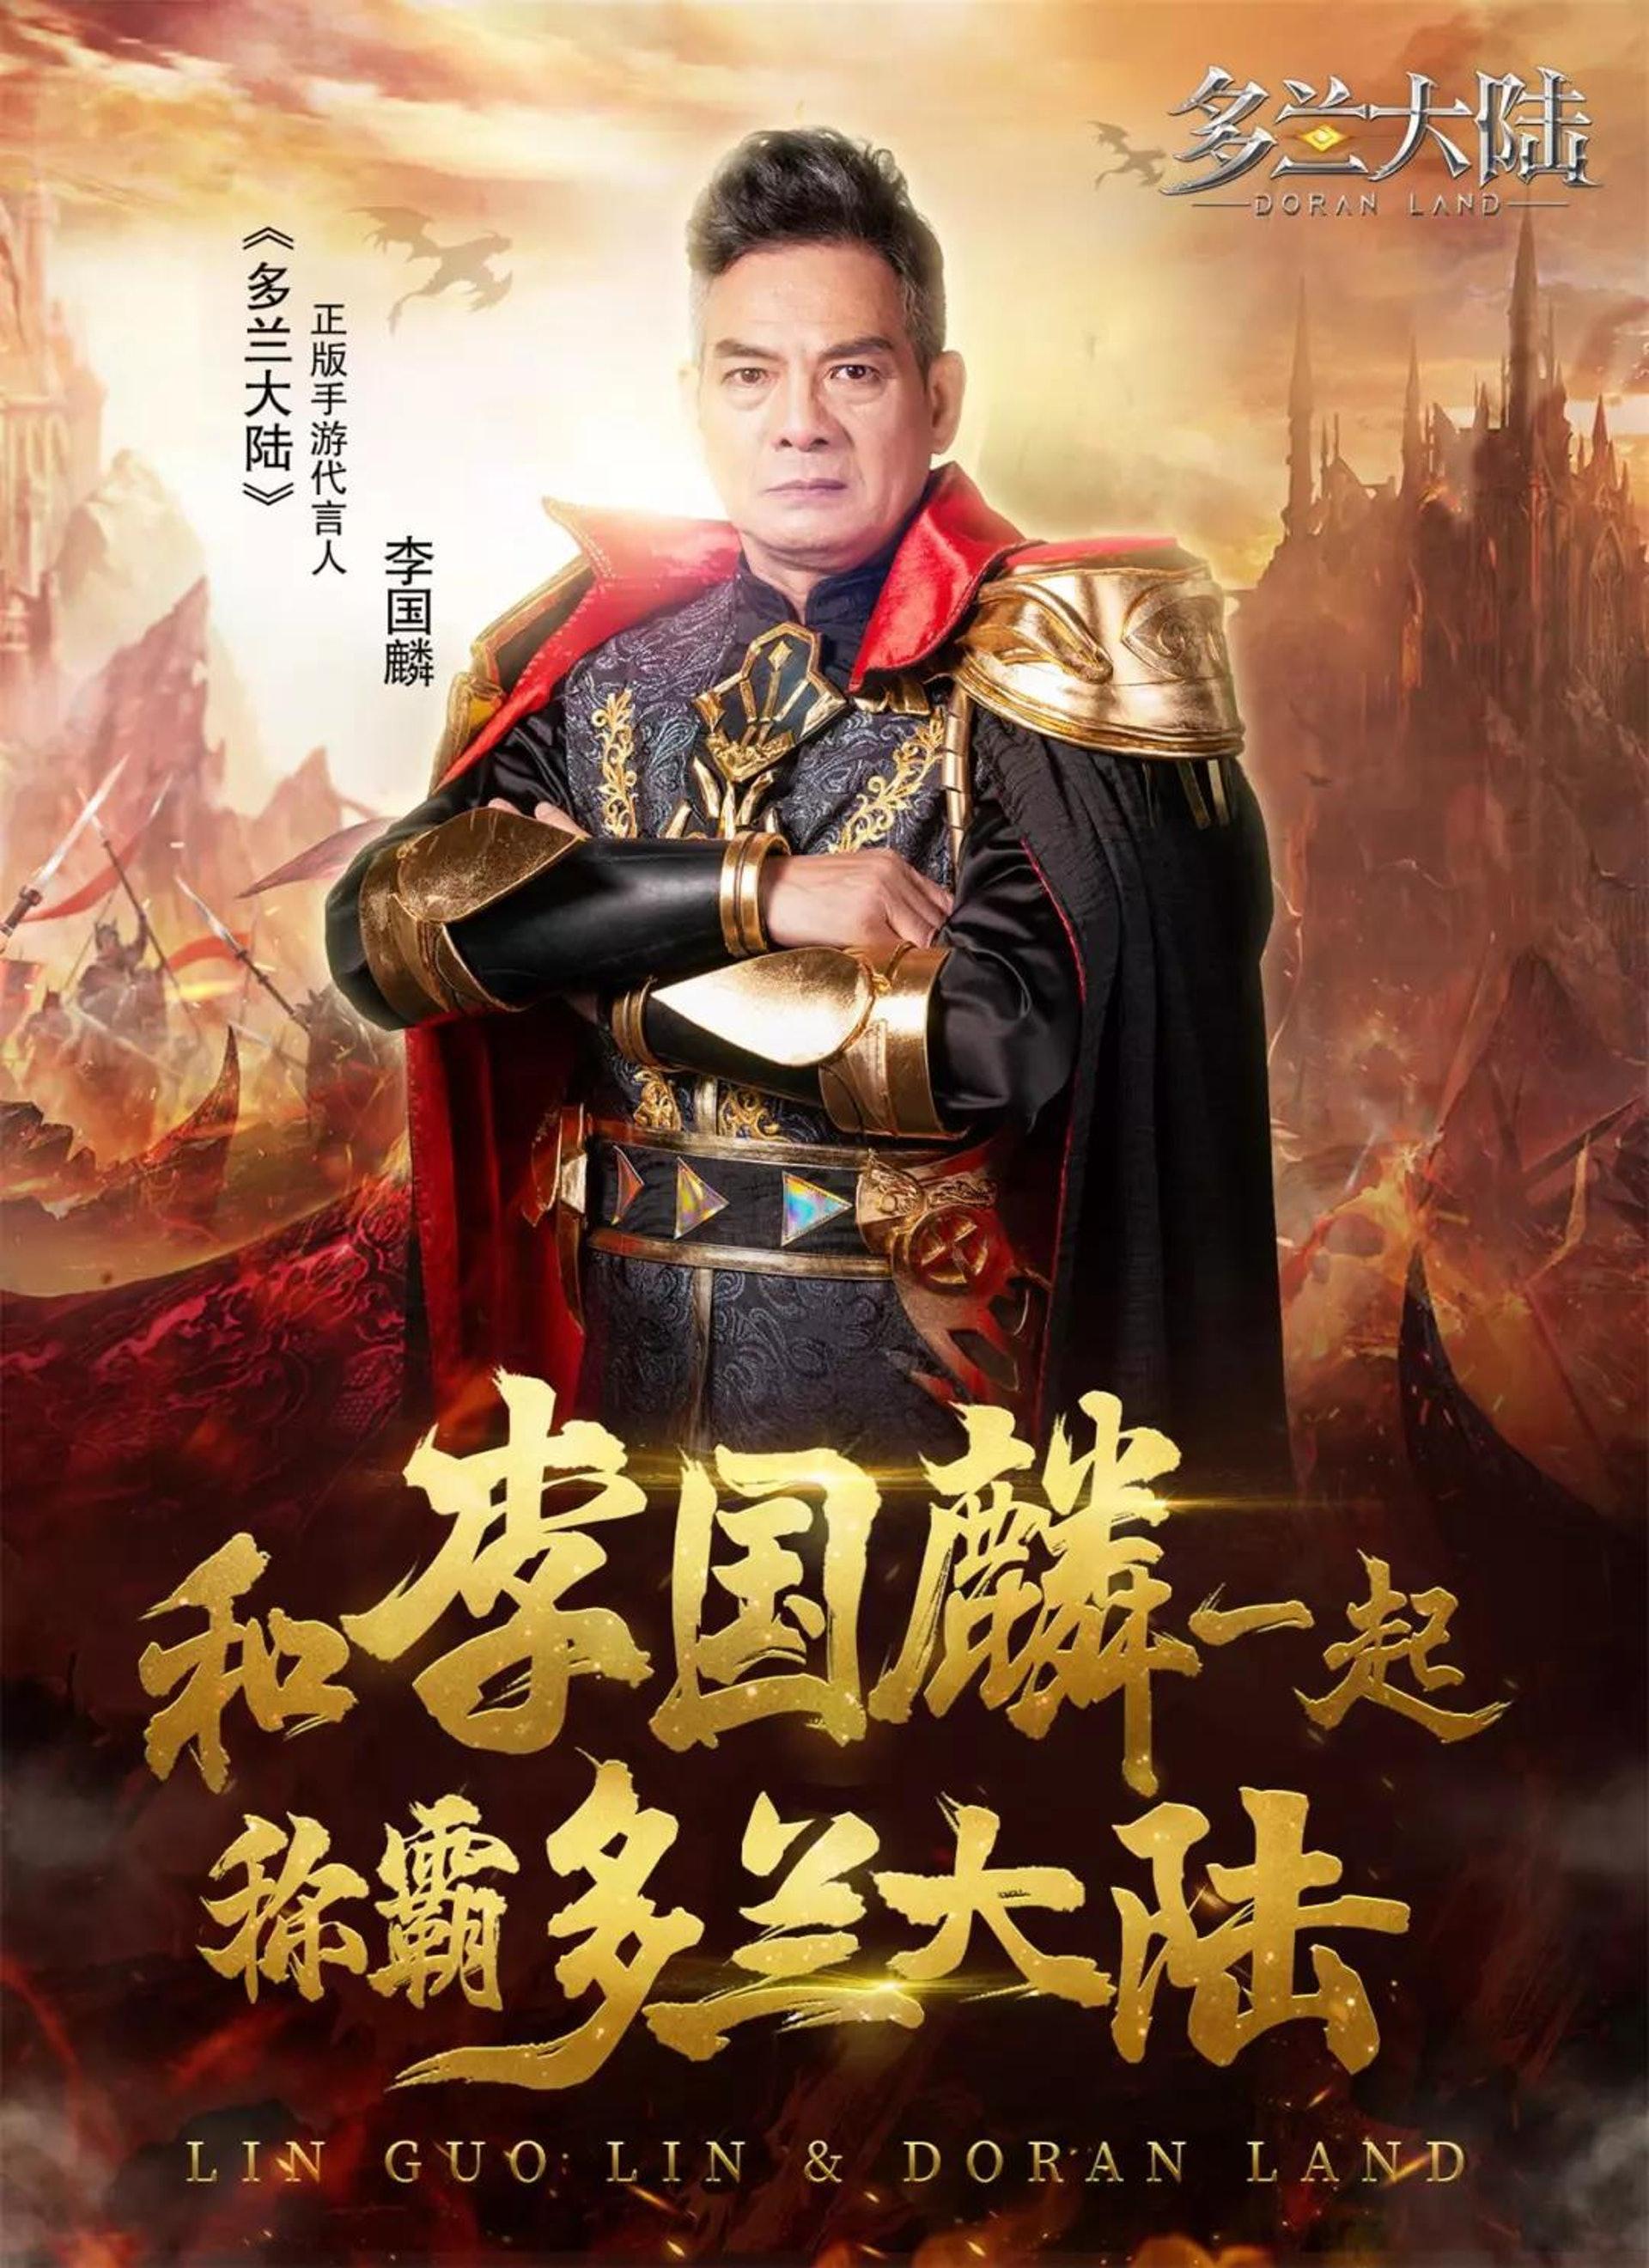 李國麟唔止有內地劇拍,連內地電子遊戲都找他代言。